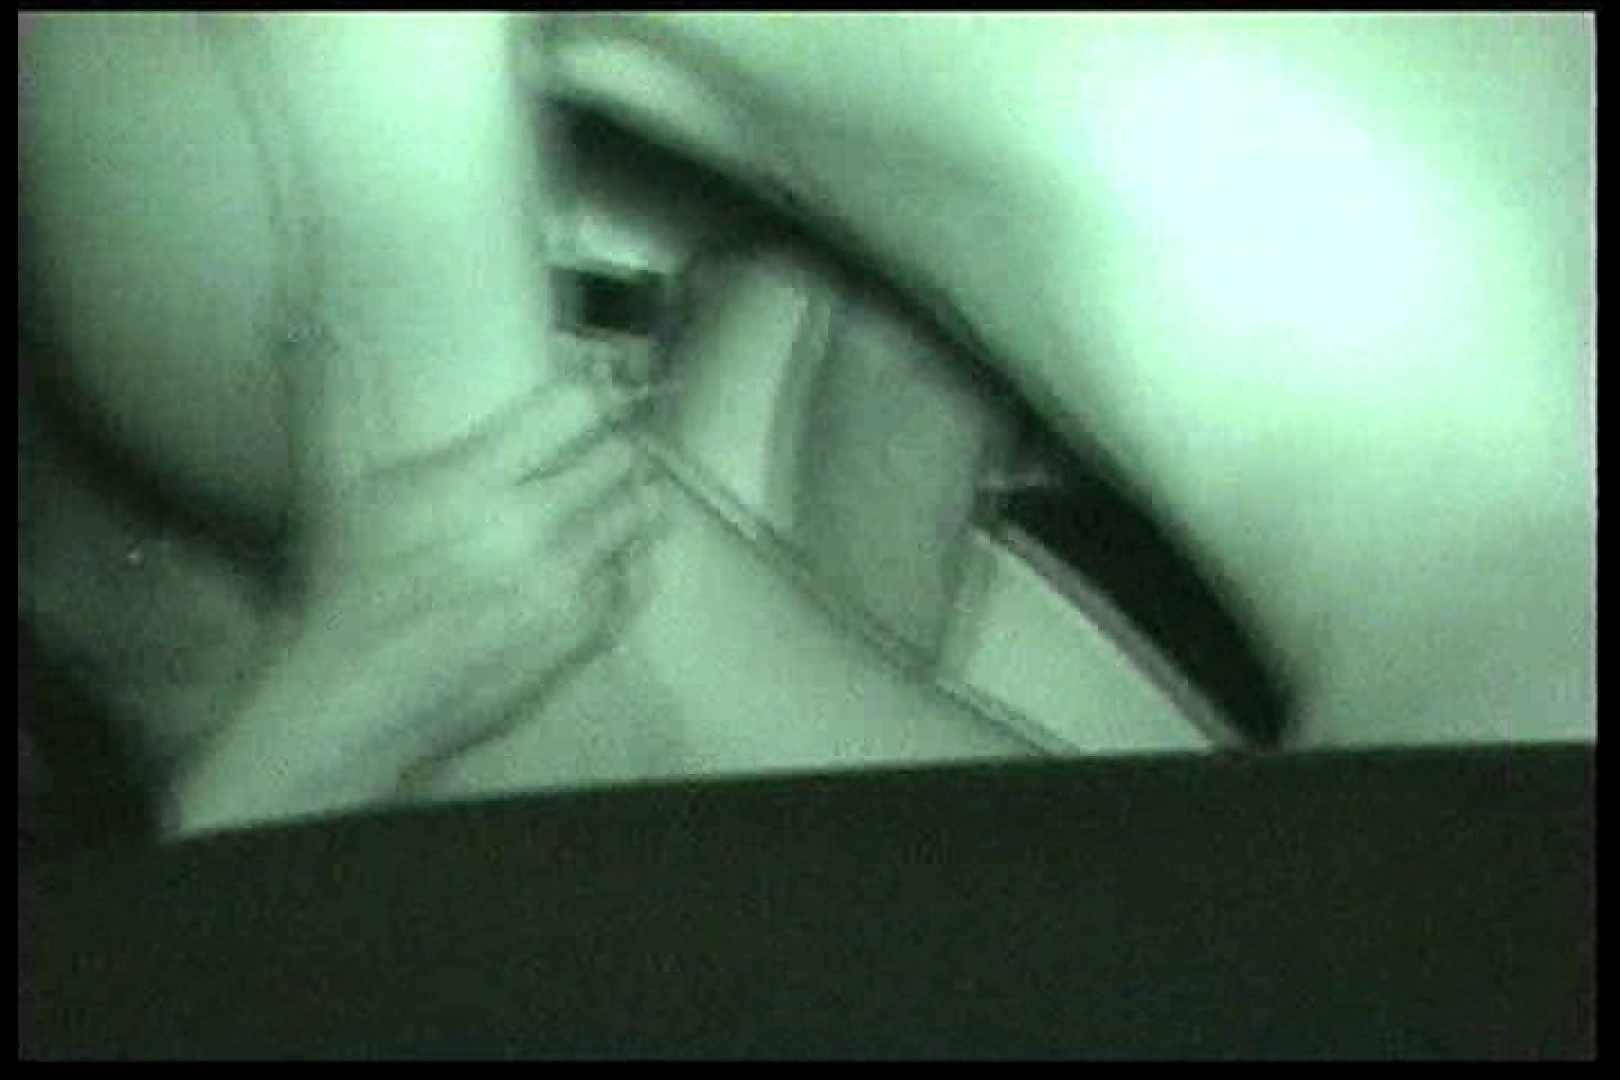 車の中はラブホテル 無修正版  Vol.13 ラブホテル 盗み撮り動画キャプチャ 65PIX 23